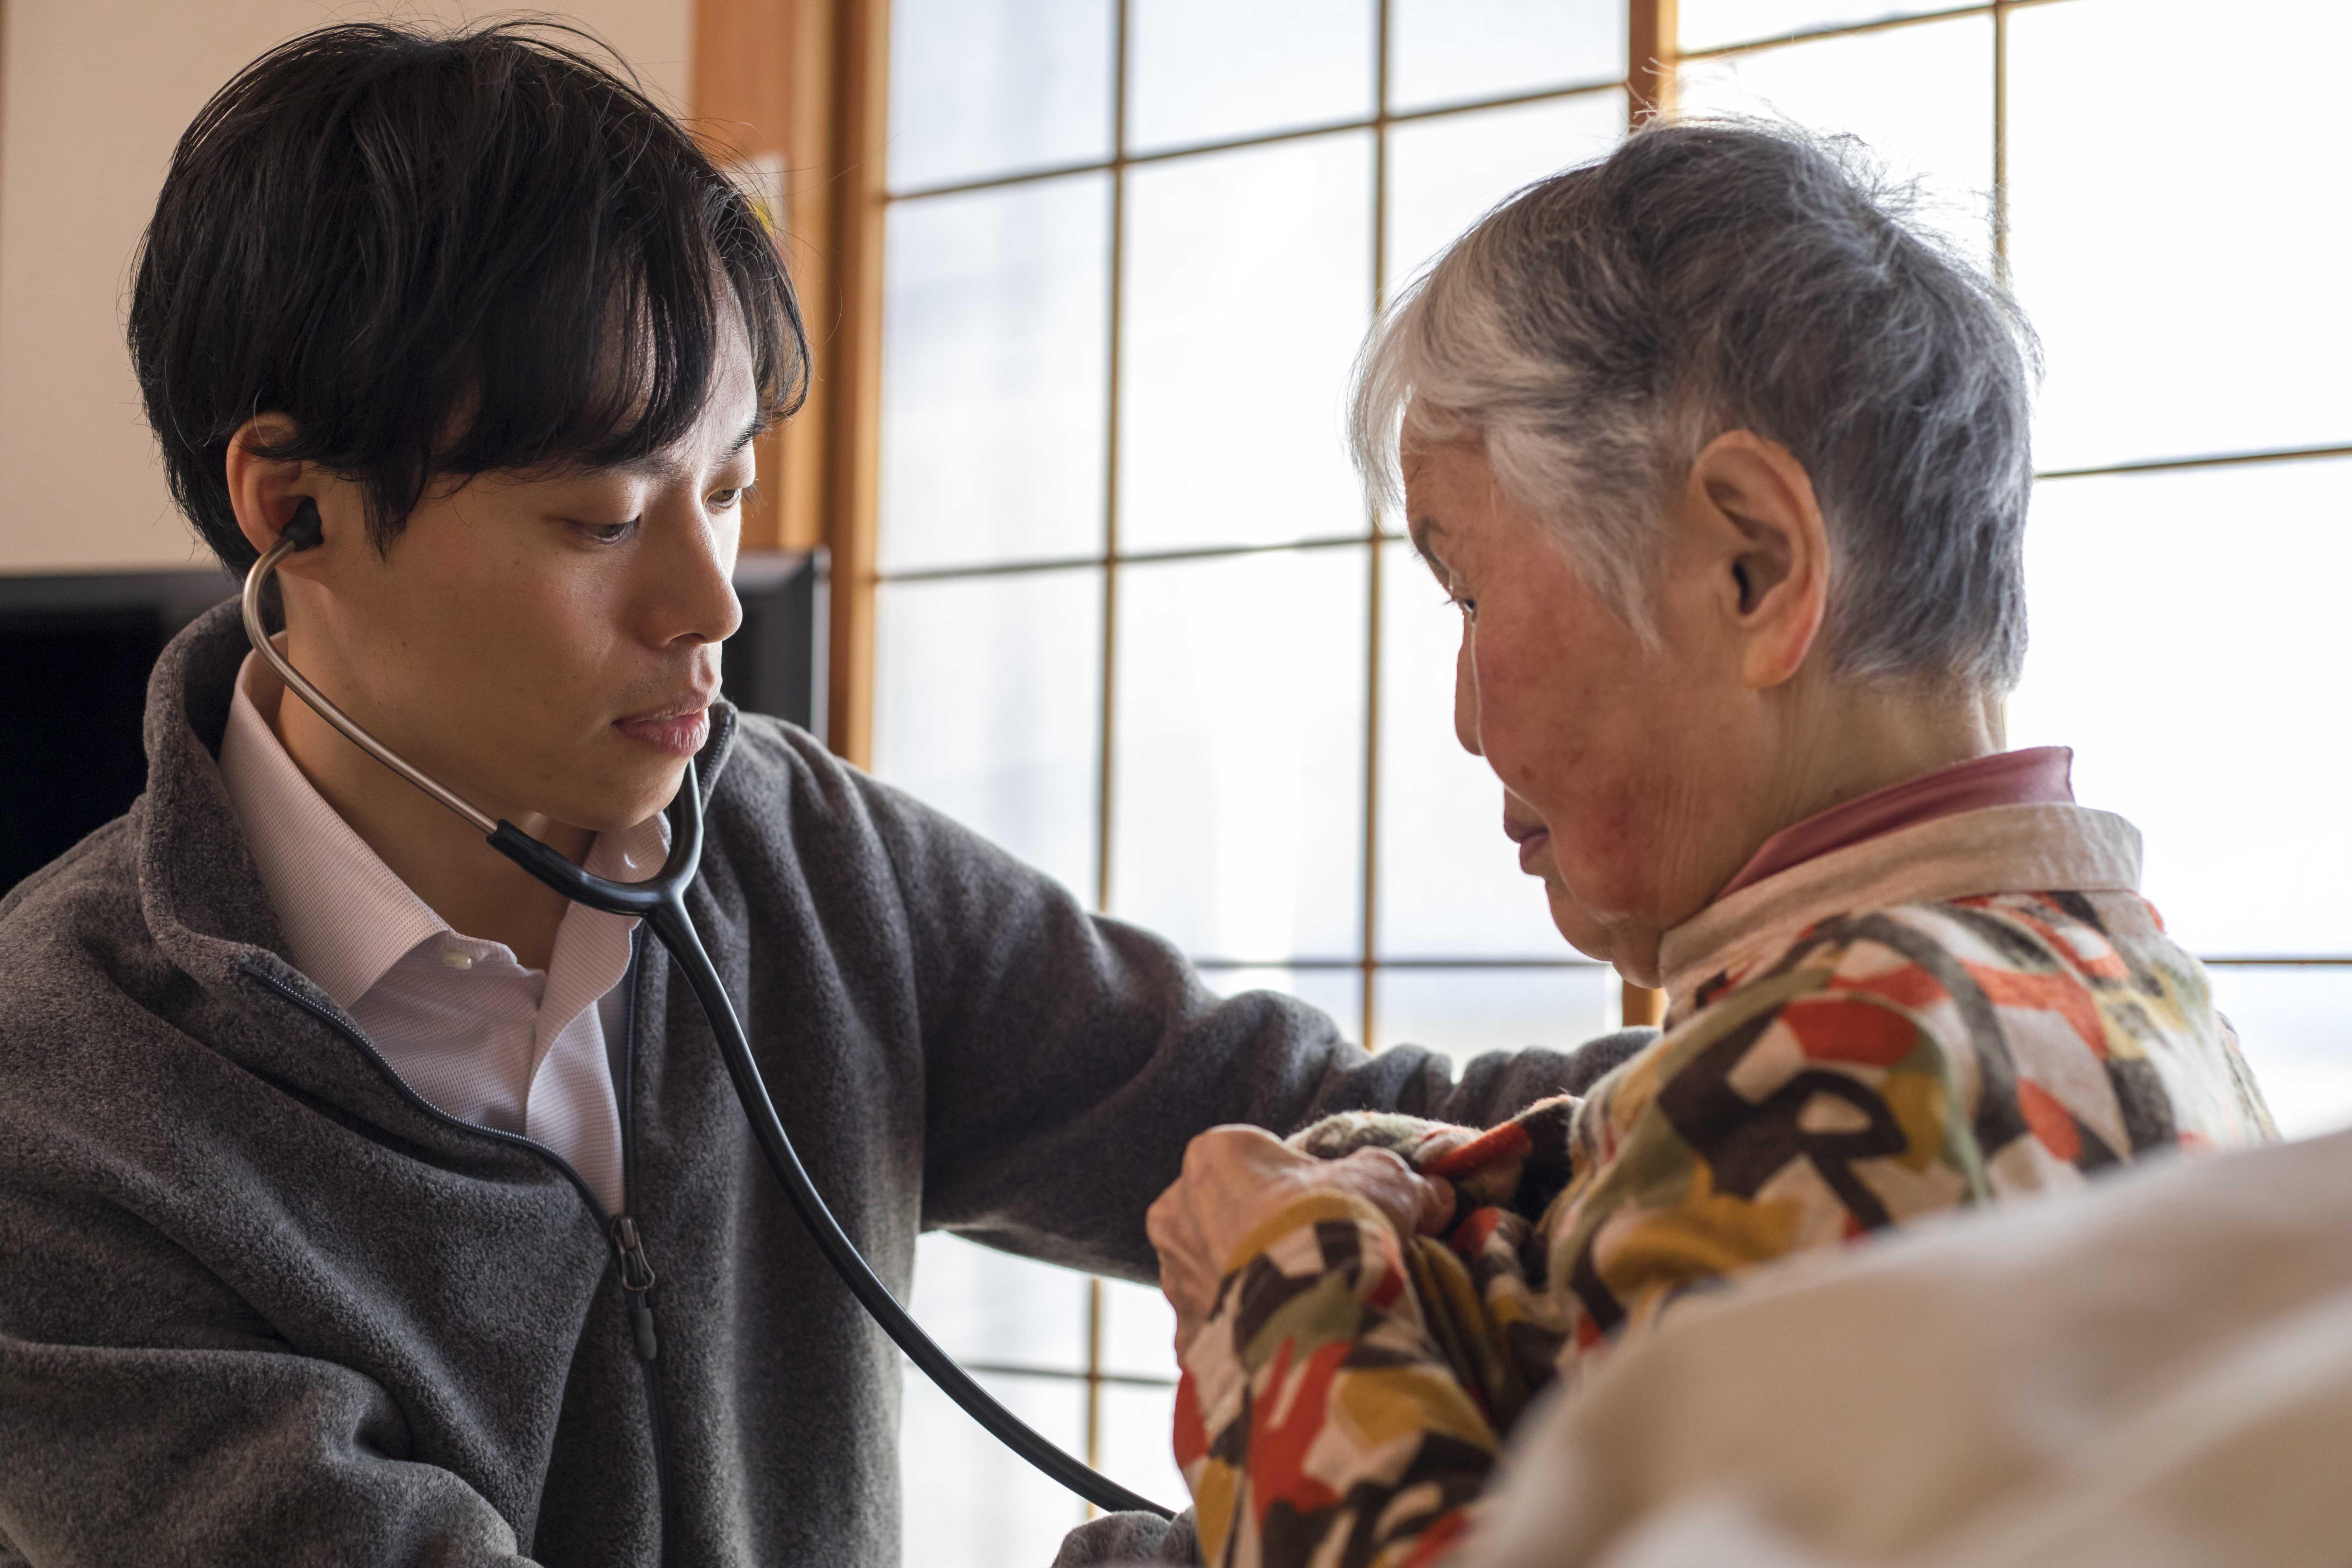 ファストドクター株式会社が国立大学法人筑波大学と救急医療分野での共同研究を開始 画像